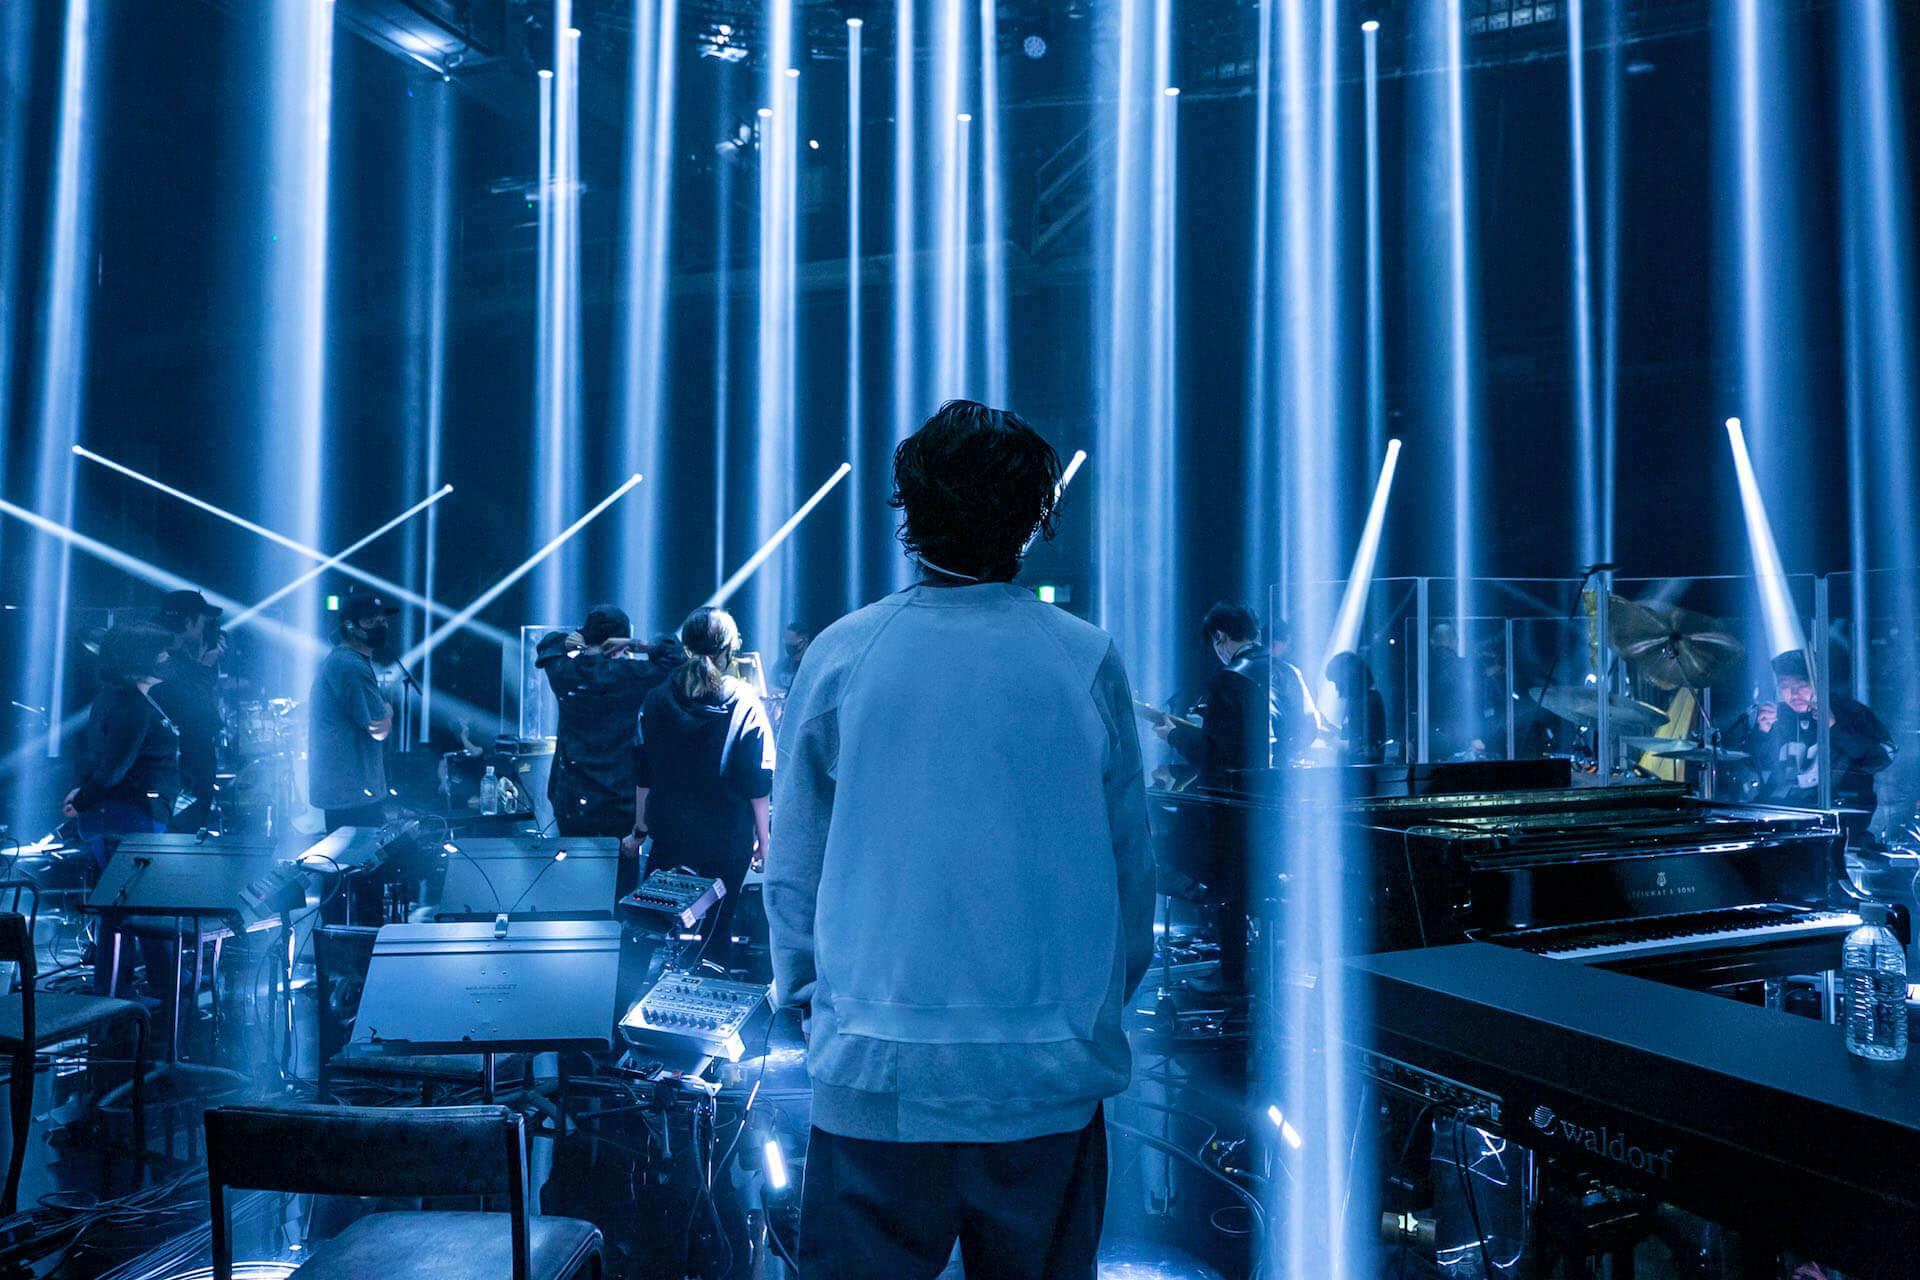 """常田大希率いるmillennium paradeが密着ドキュメンタリーで地上波初パフォーマンス披露!NHK『2030 未来への分岐点』のテーマ音楽""""2992""""も明日先行配信開始 music210107_millenniumparade_2"""